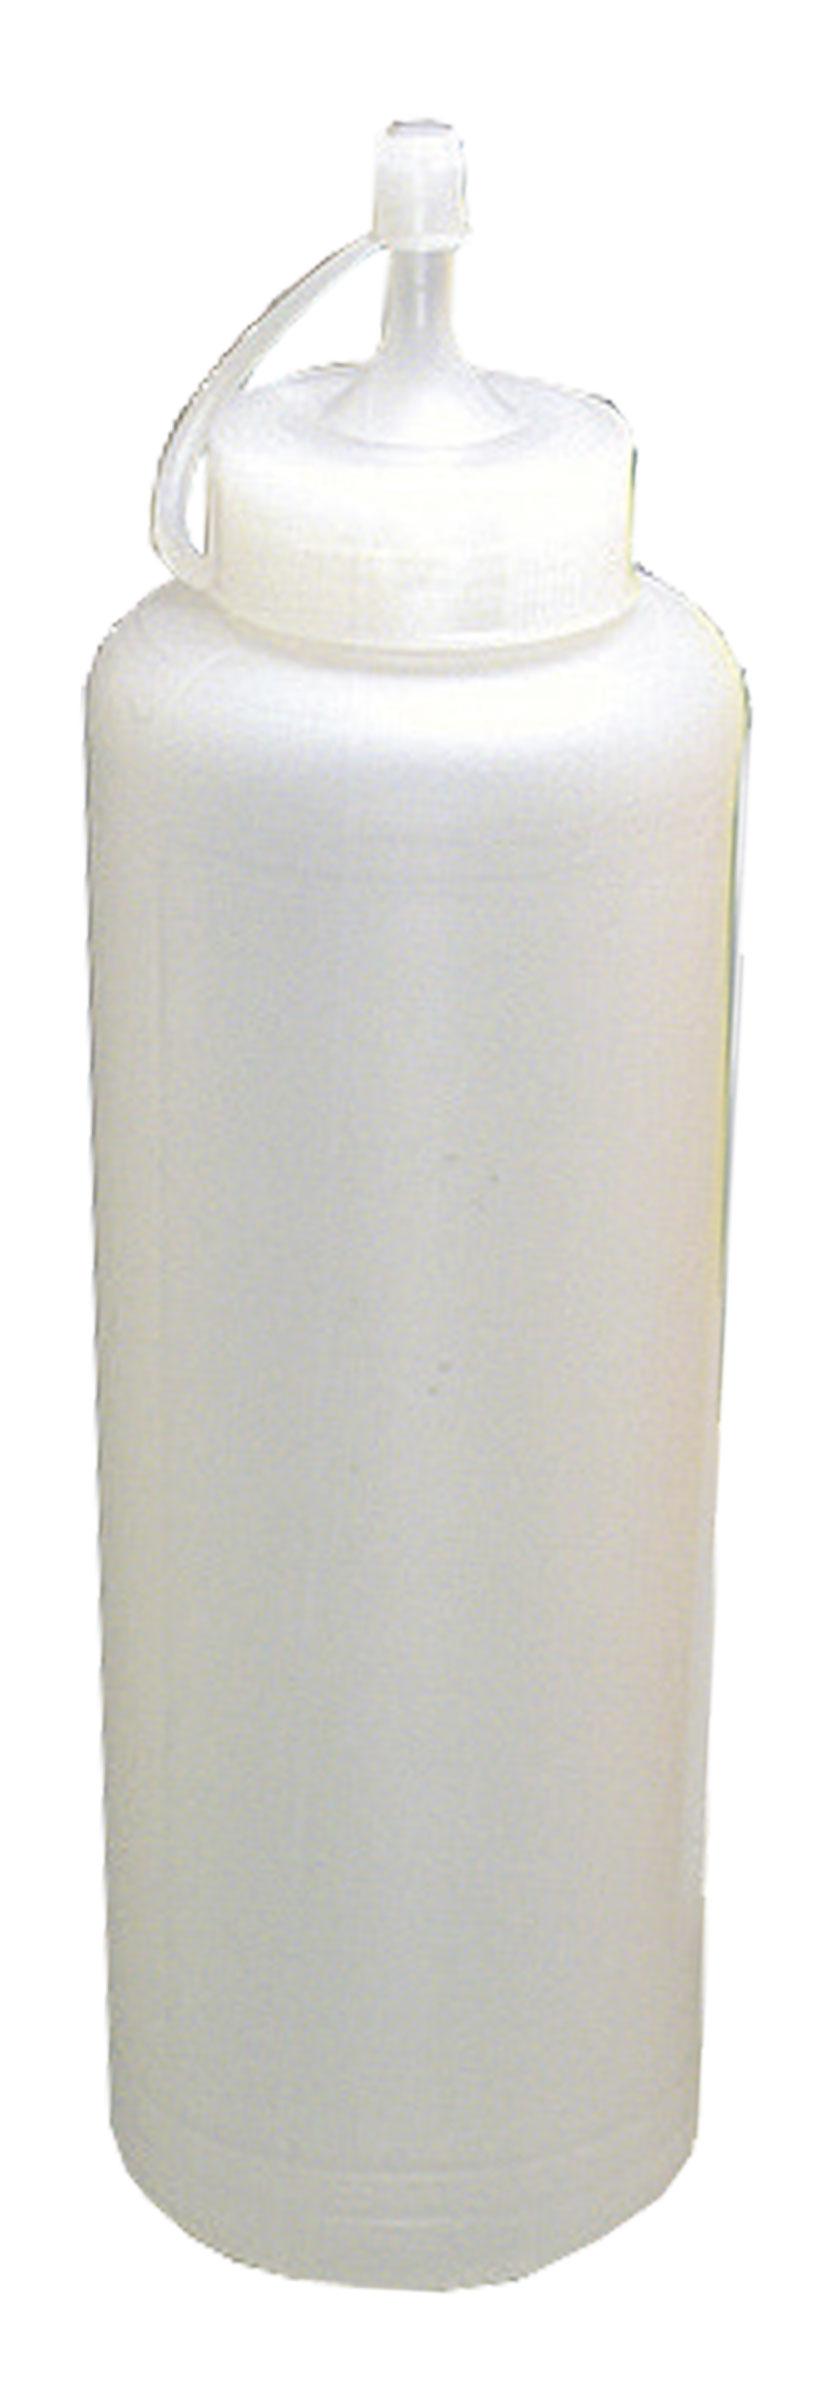 PLASTIC DISPENSER  (CLEAR) - 250 ML PACK OF 6)